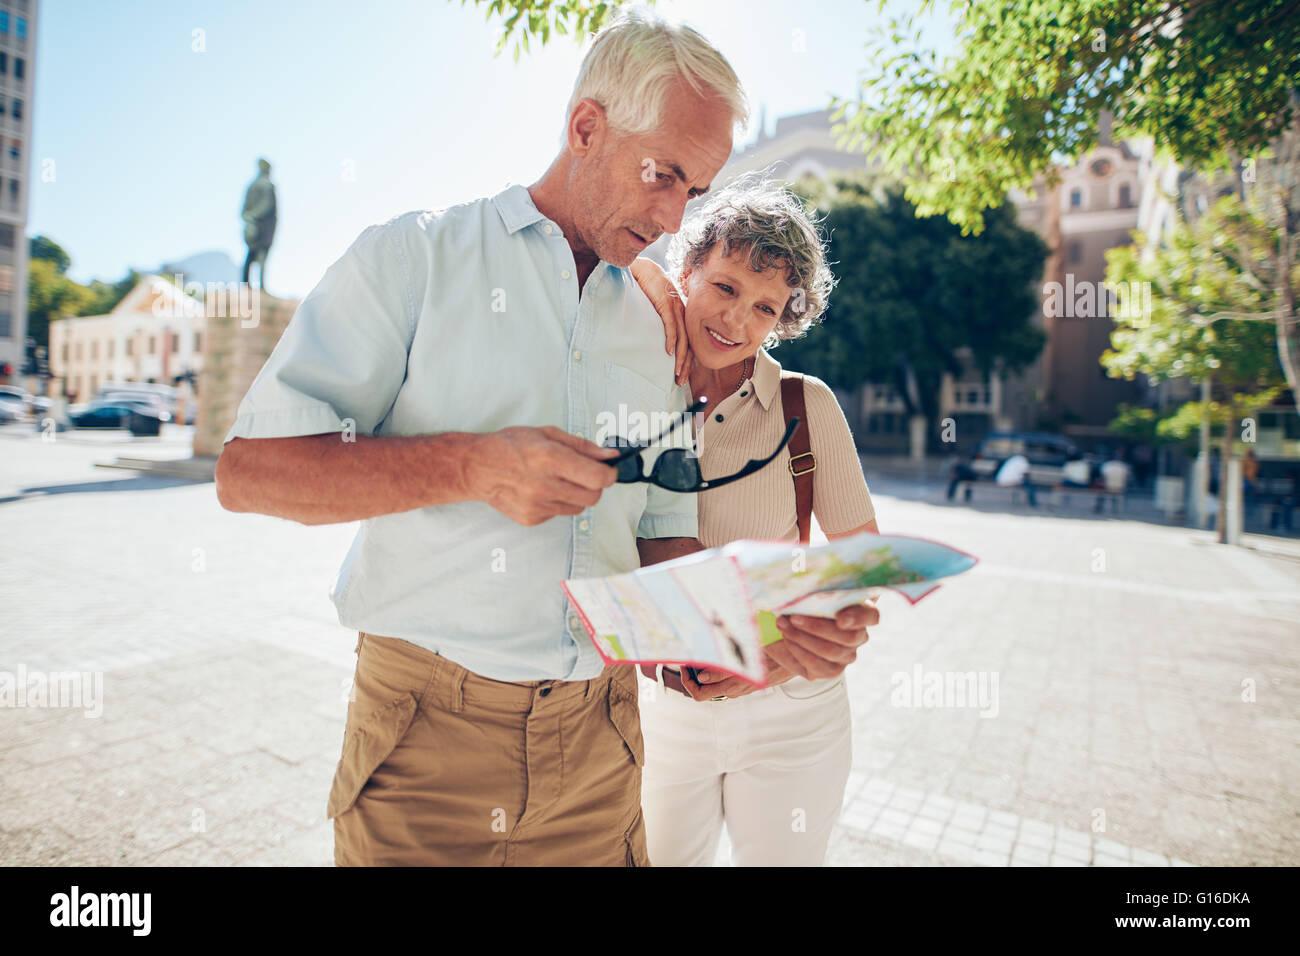 Reifen Sie paar stehen draußen in der Stadt, Blick auf eine Karte. Ältere Mann mit seiner Frau mit Stadtplan Stockbild